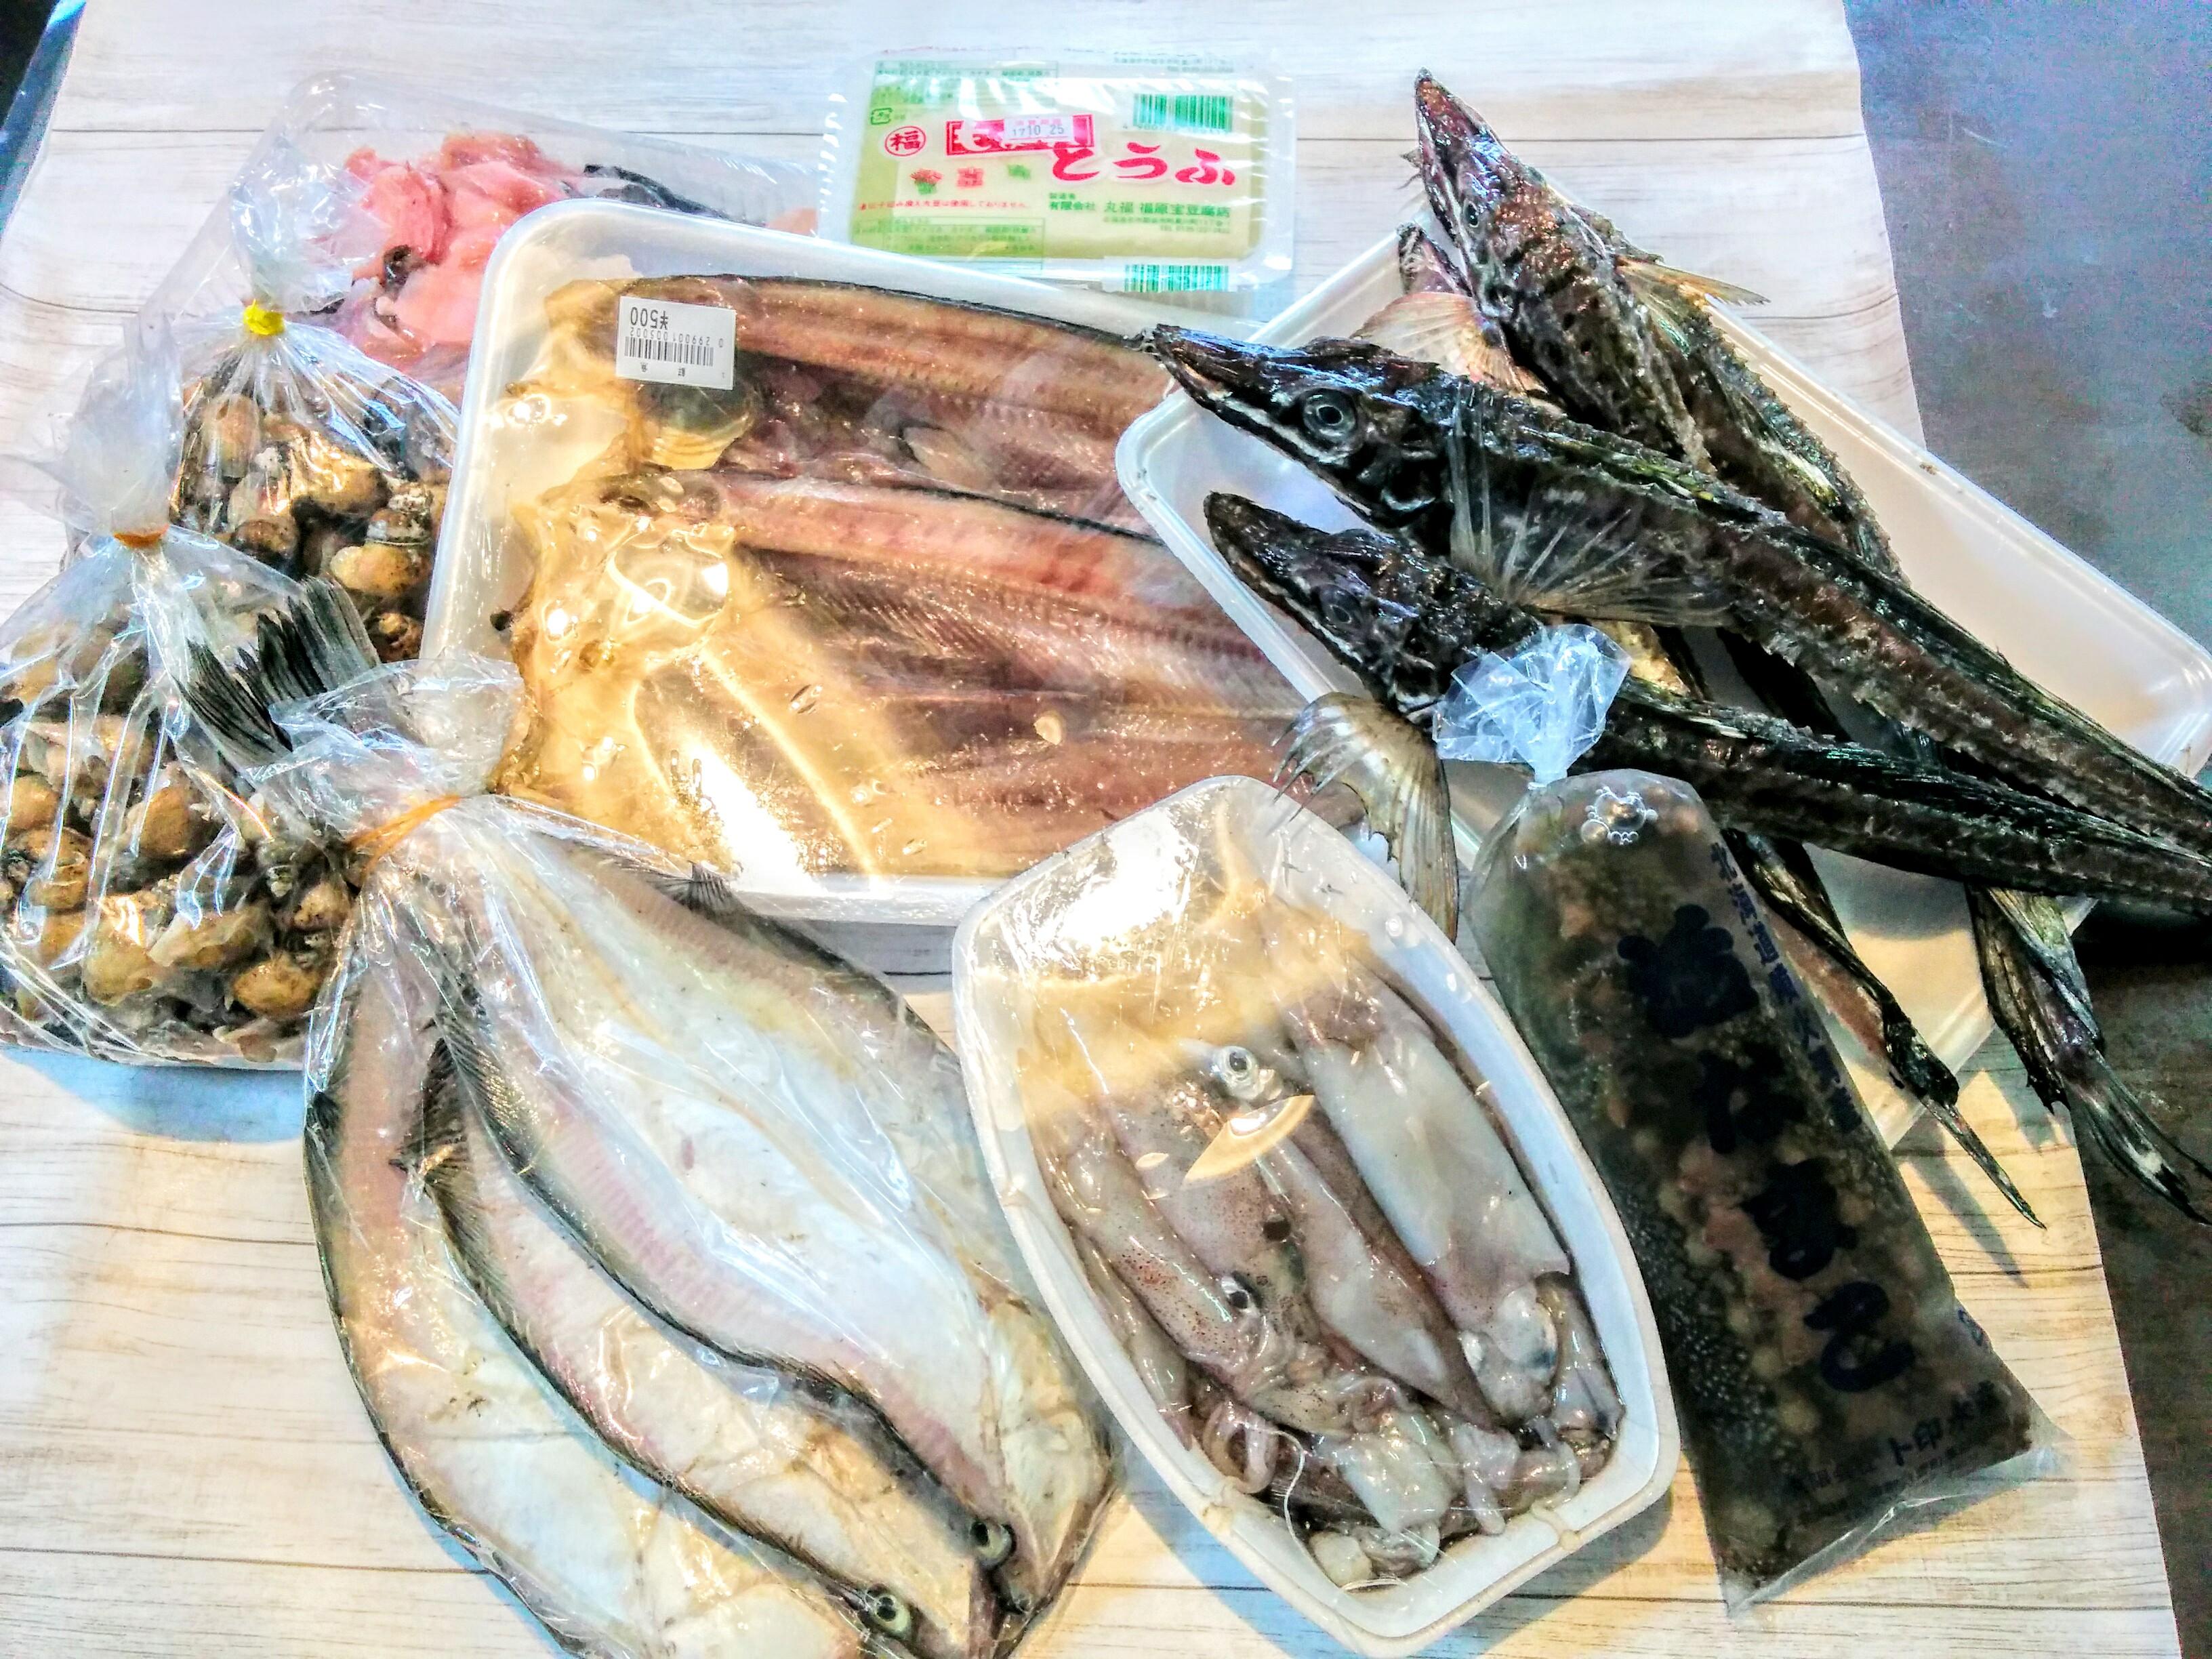 【余市】余市町で海産物を購入して来ました。